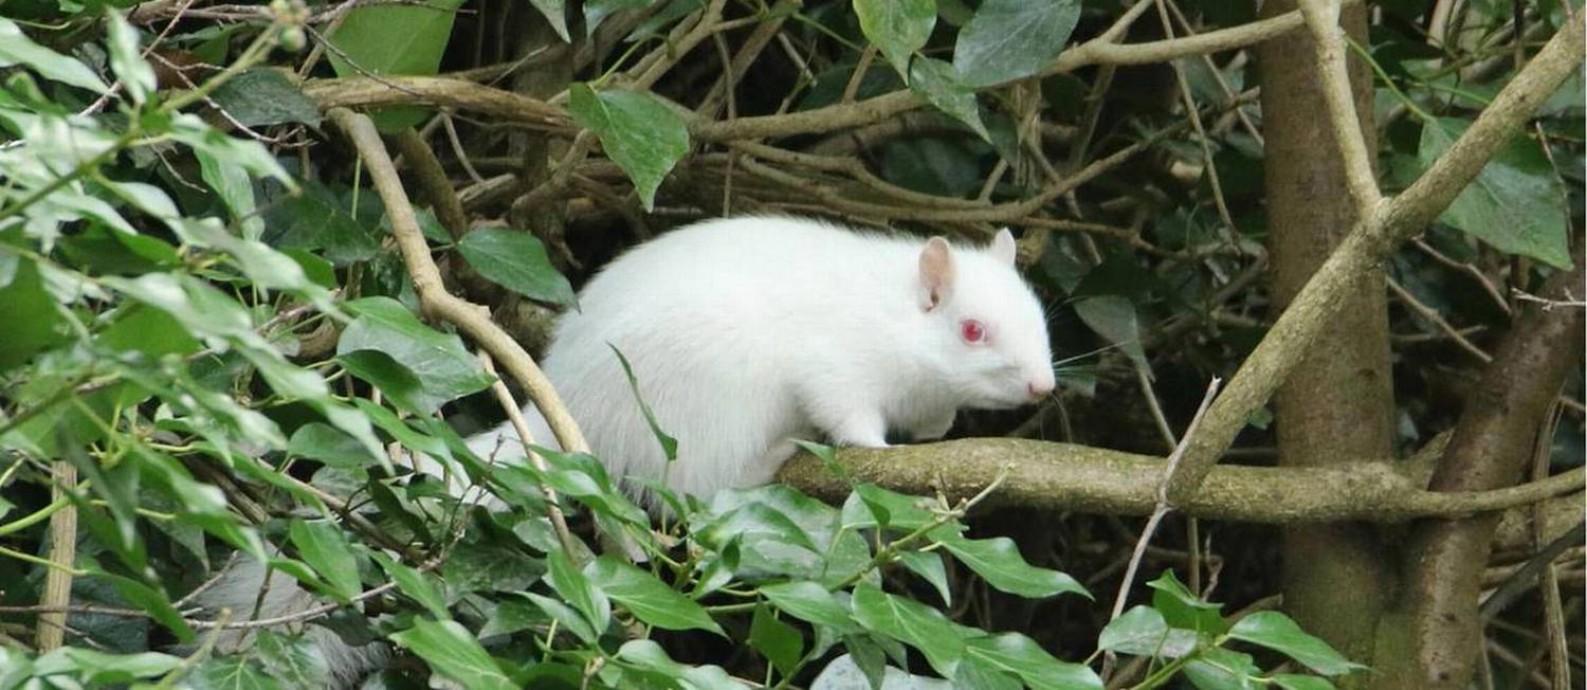 Raro esquilo albino foi avistado por fotógrafo amador às margens de canal no interior da Inglaterra: estima-se que apenas cerca de 50 animais do tipo vivam no Reino Unido Foto: Stephen Plant